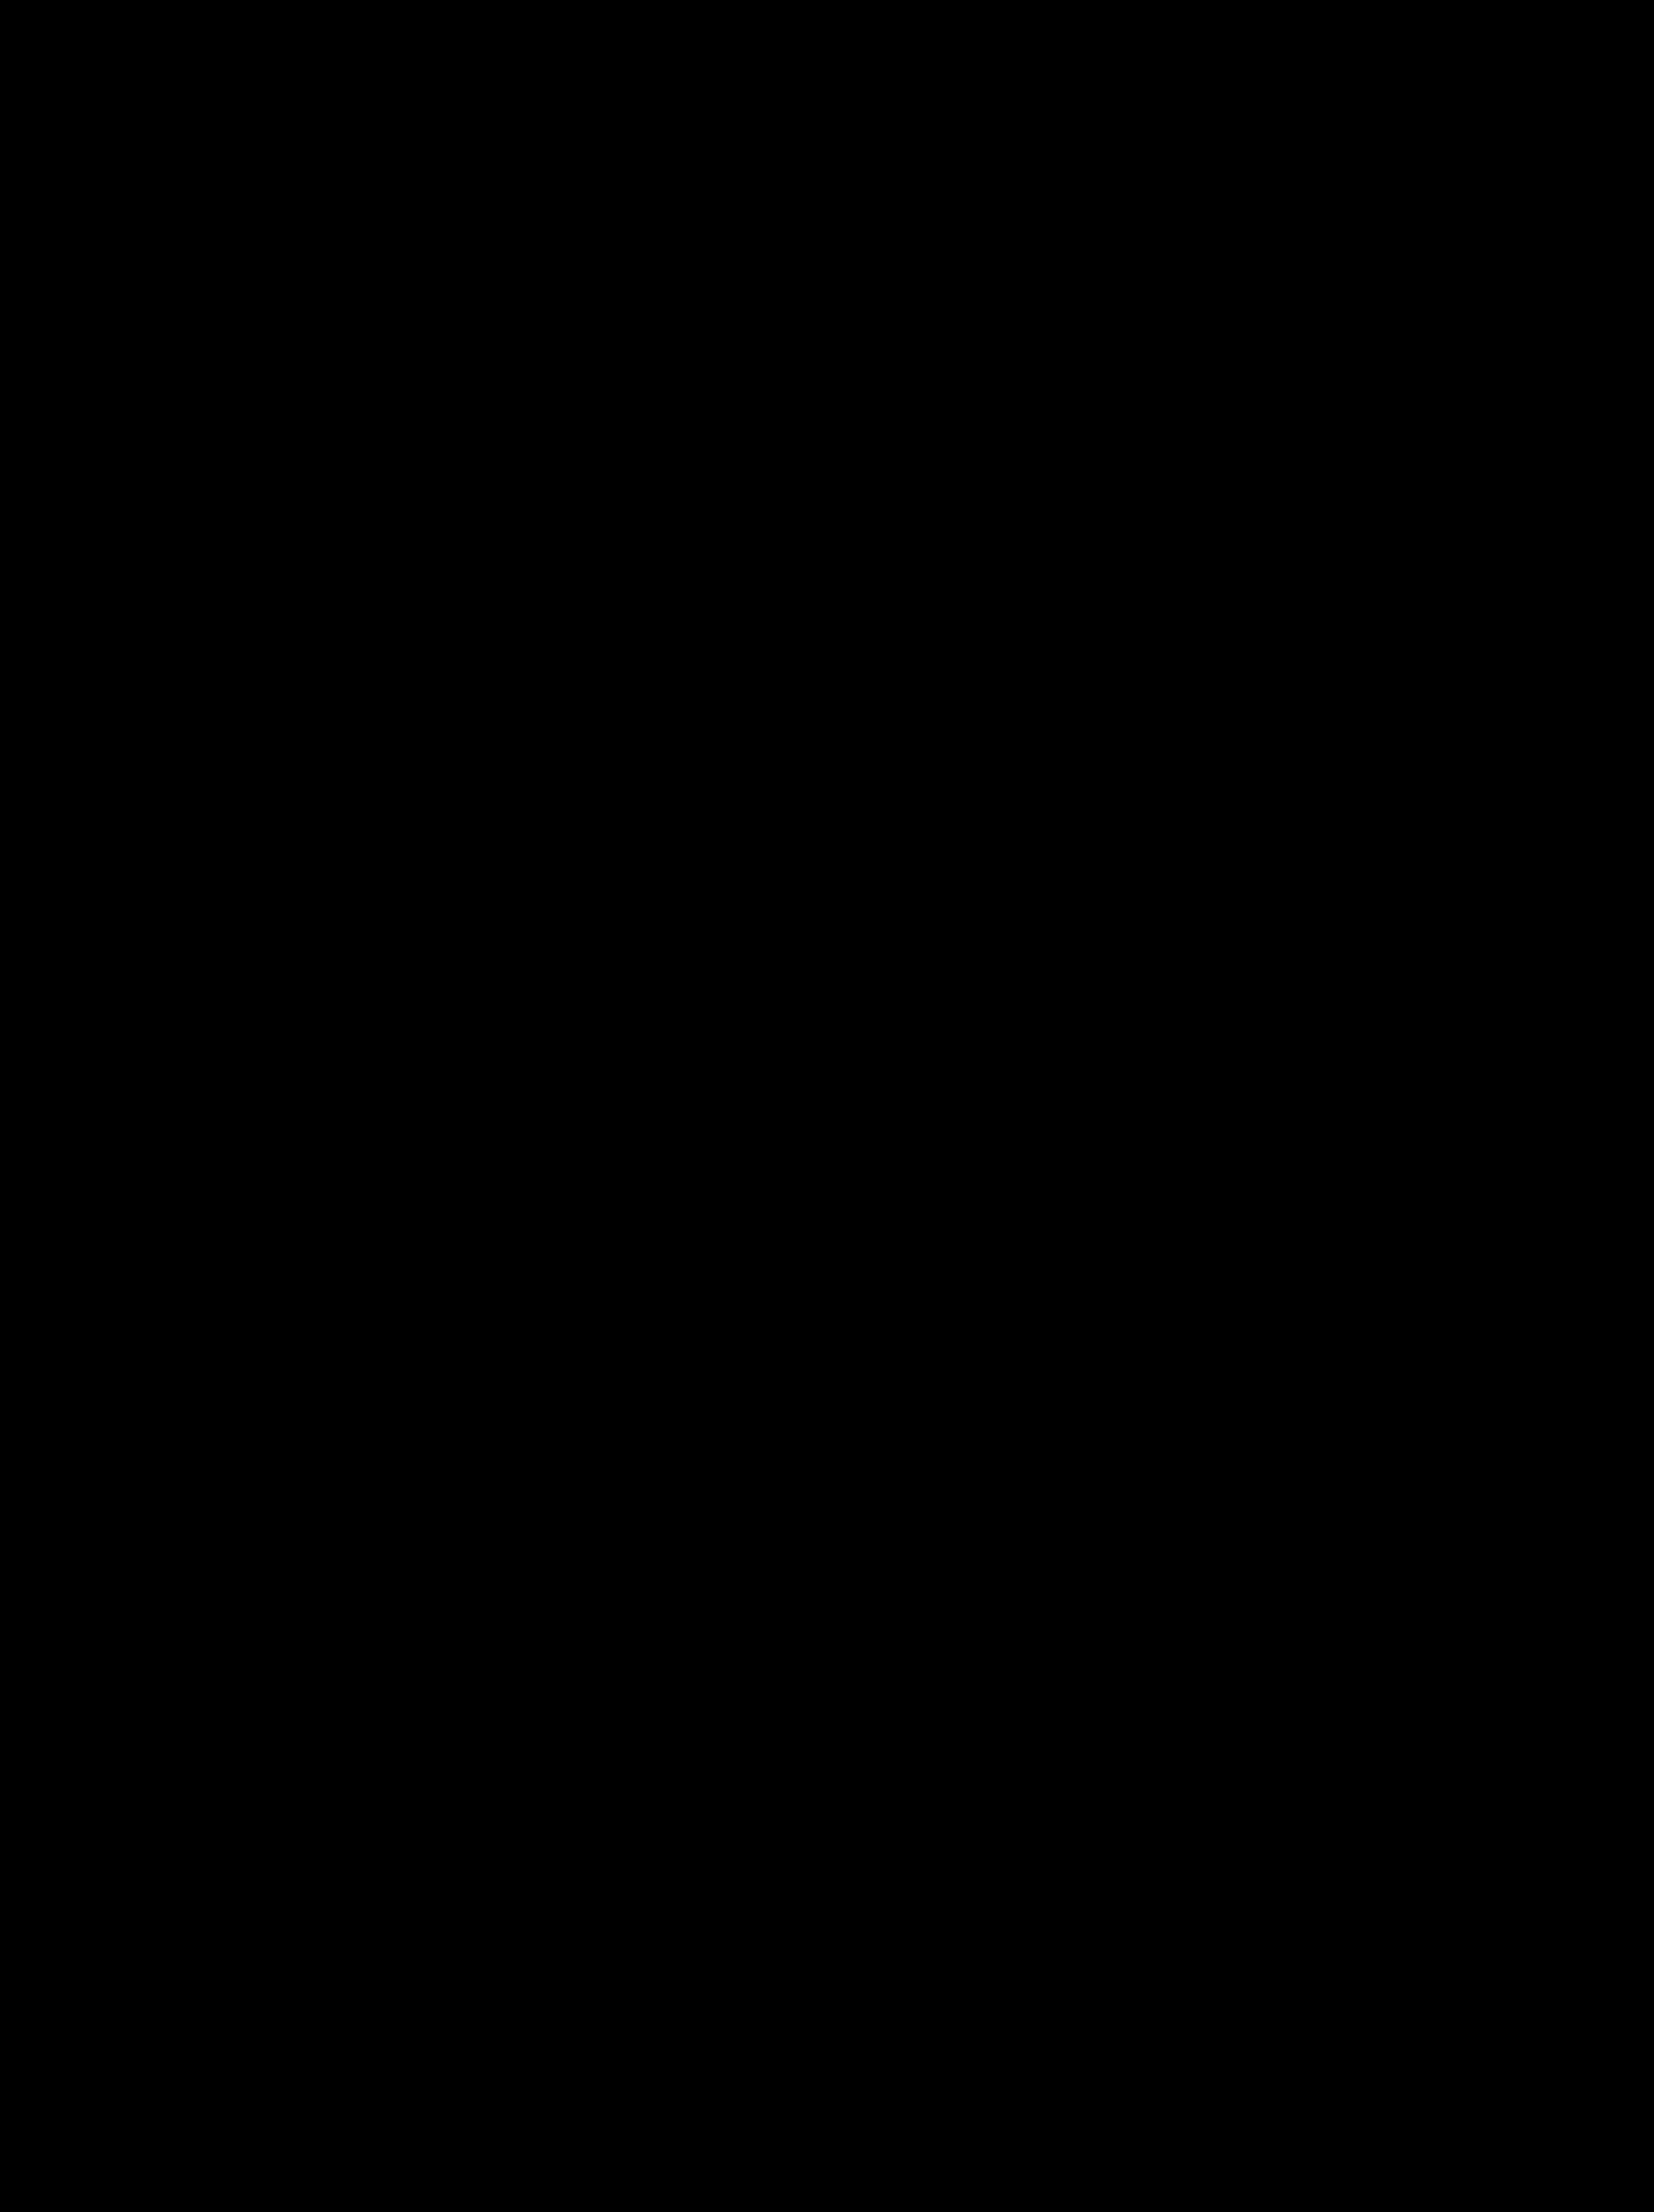 Luba nude pics apologise